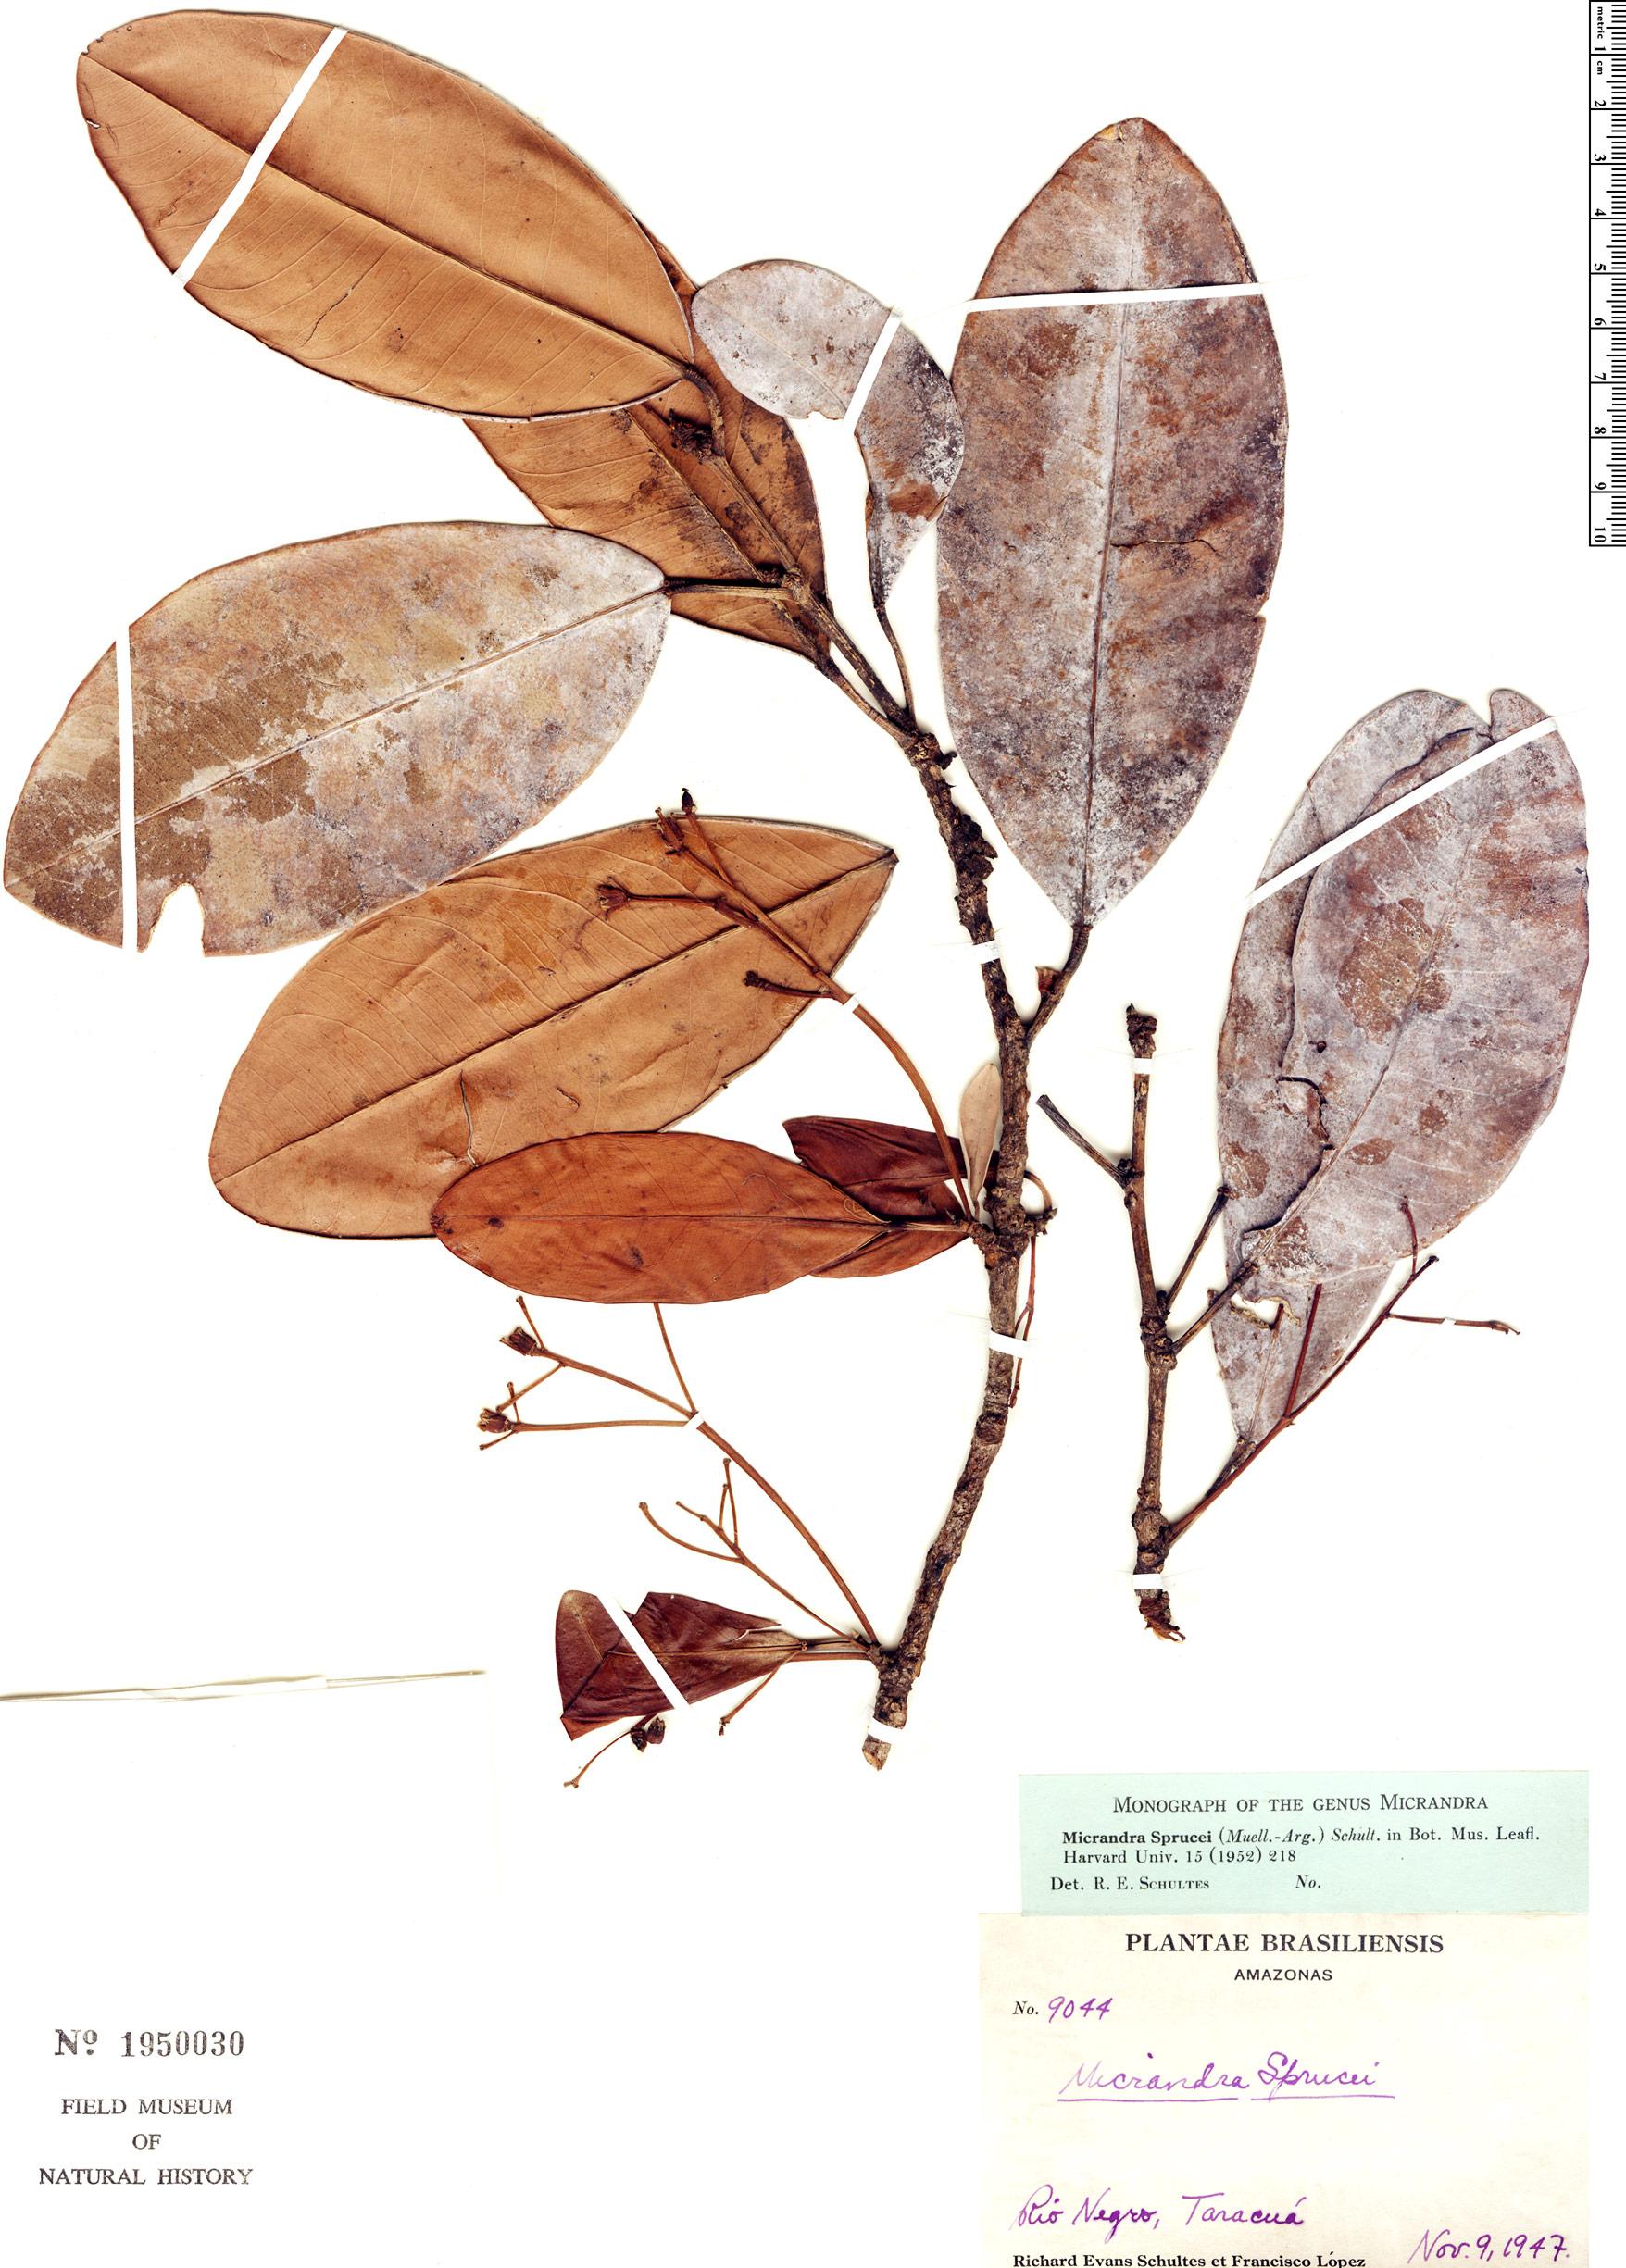 Espécime: Micrandra sprucei